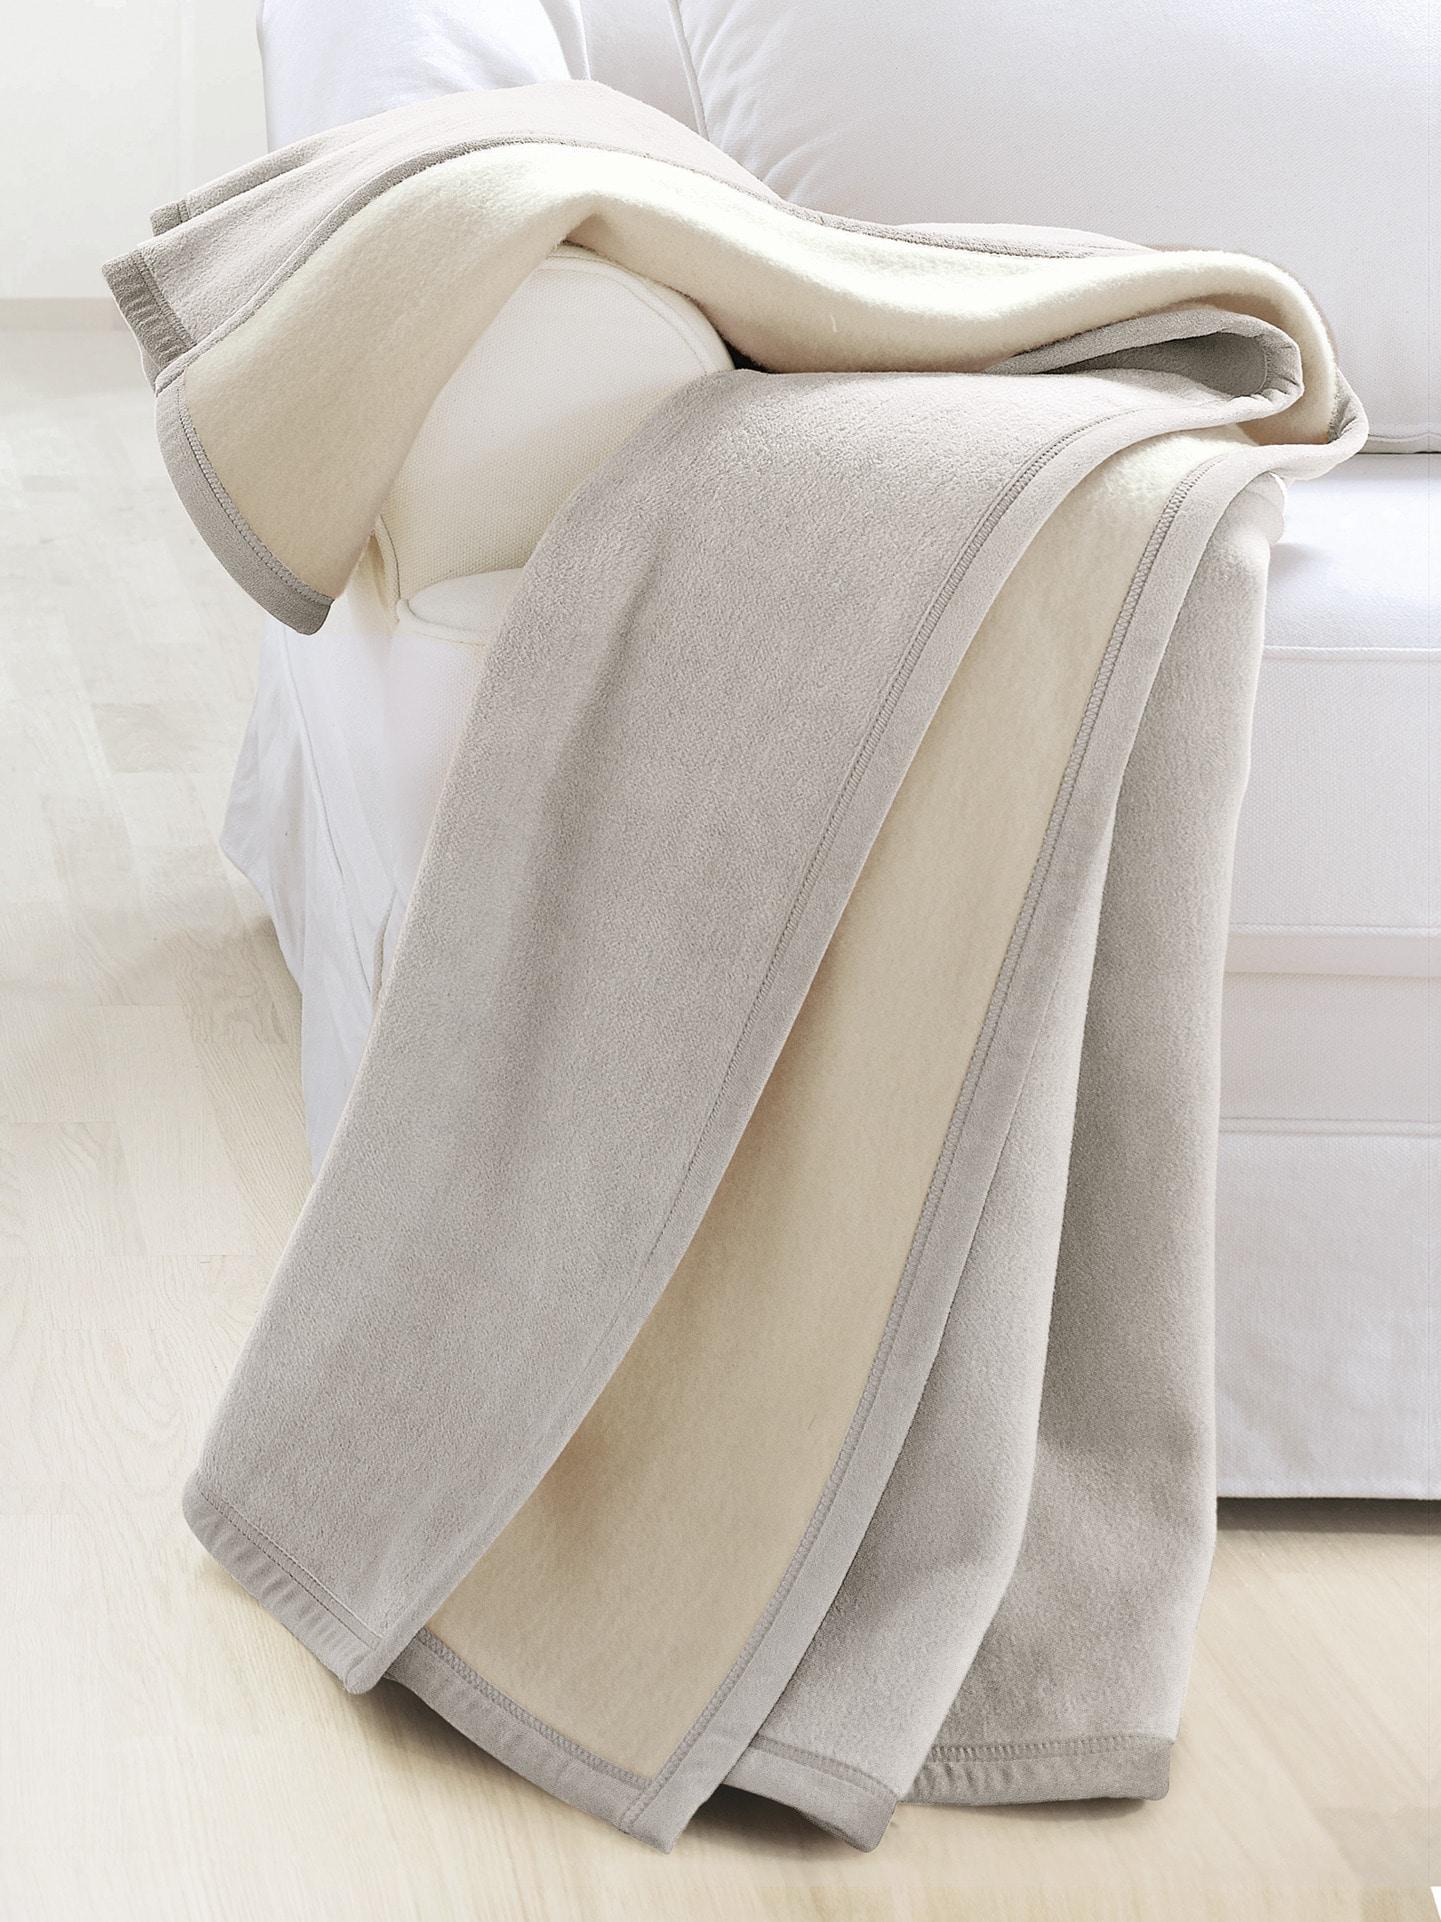 Avena noch offen: Marke Herren Wohn-Decke Weiß noch offen: Muster 65-0485-2_MV11263